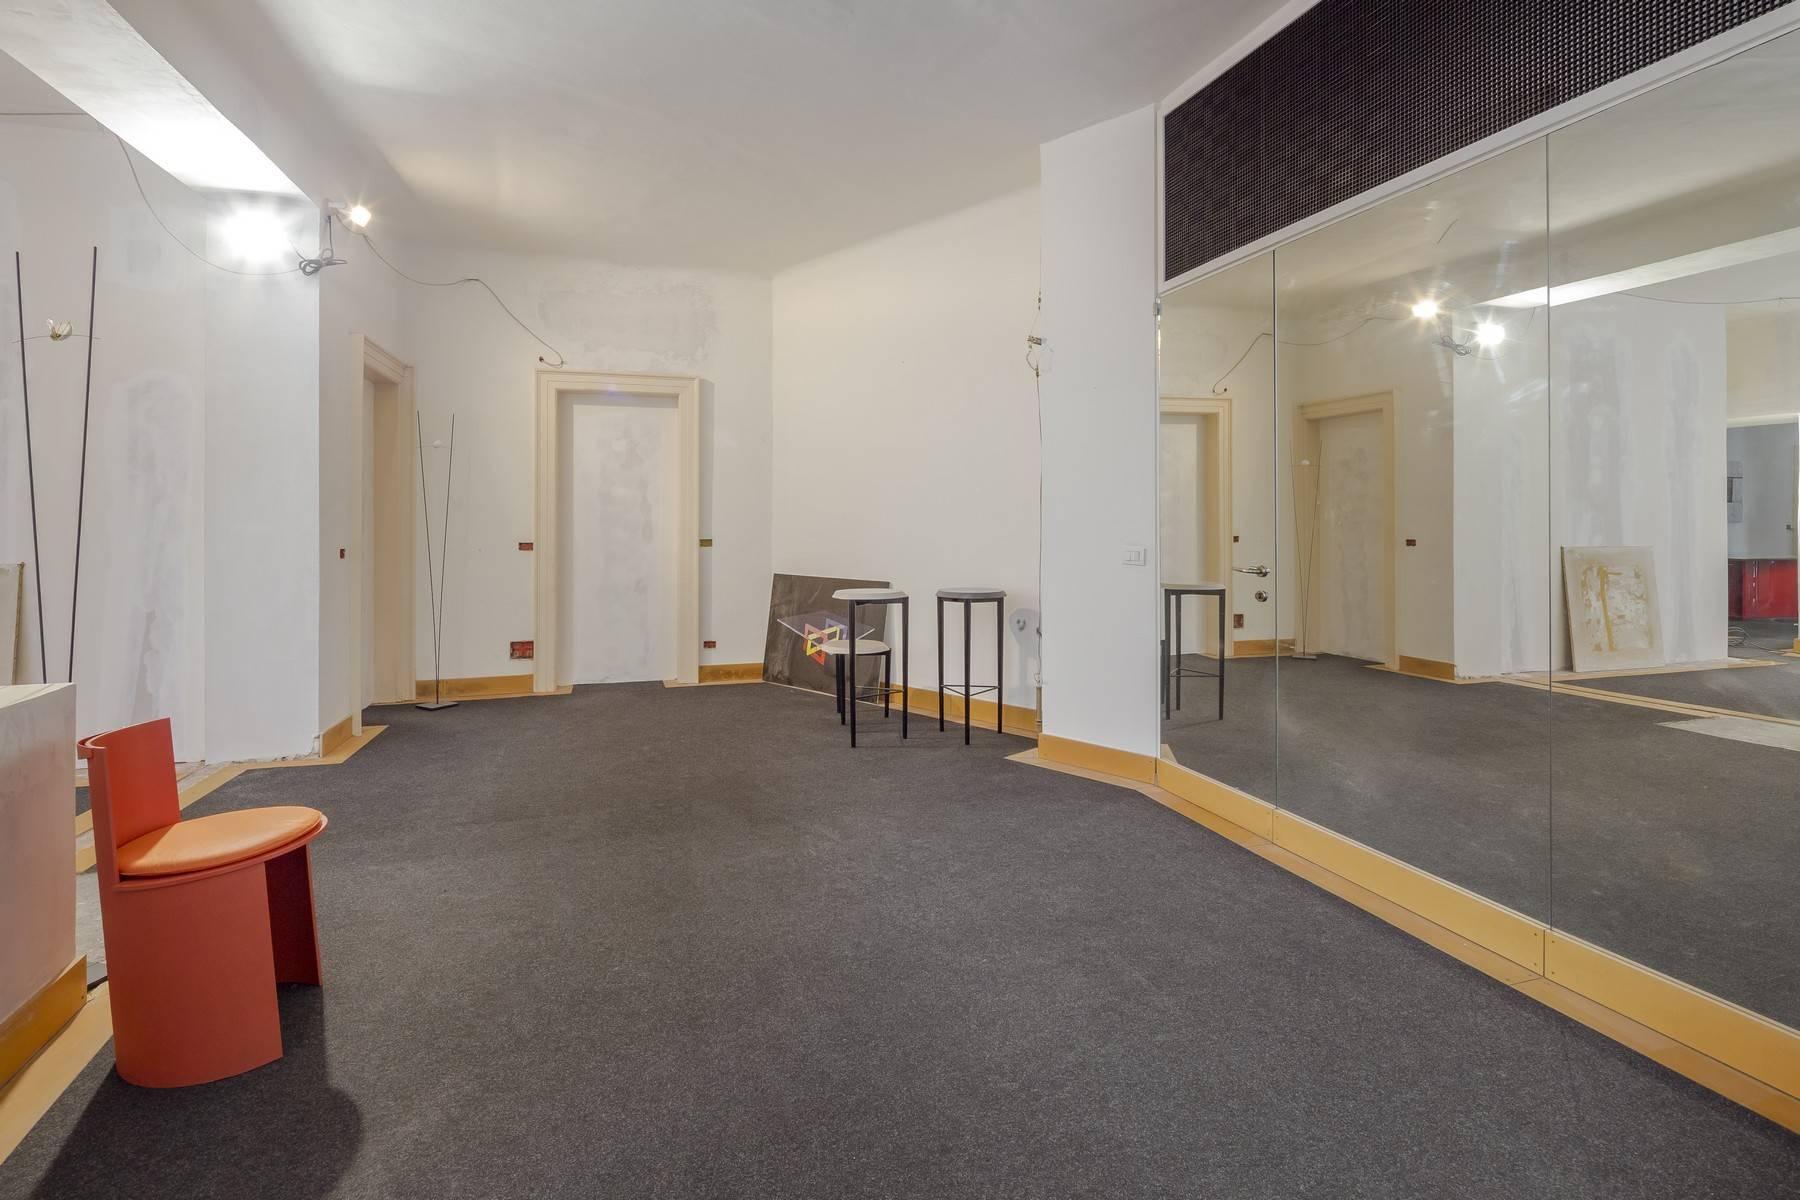 Negozio-locale in Affitto a Milano: 2 locali, 100 mq - Foto 14